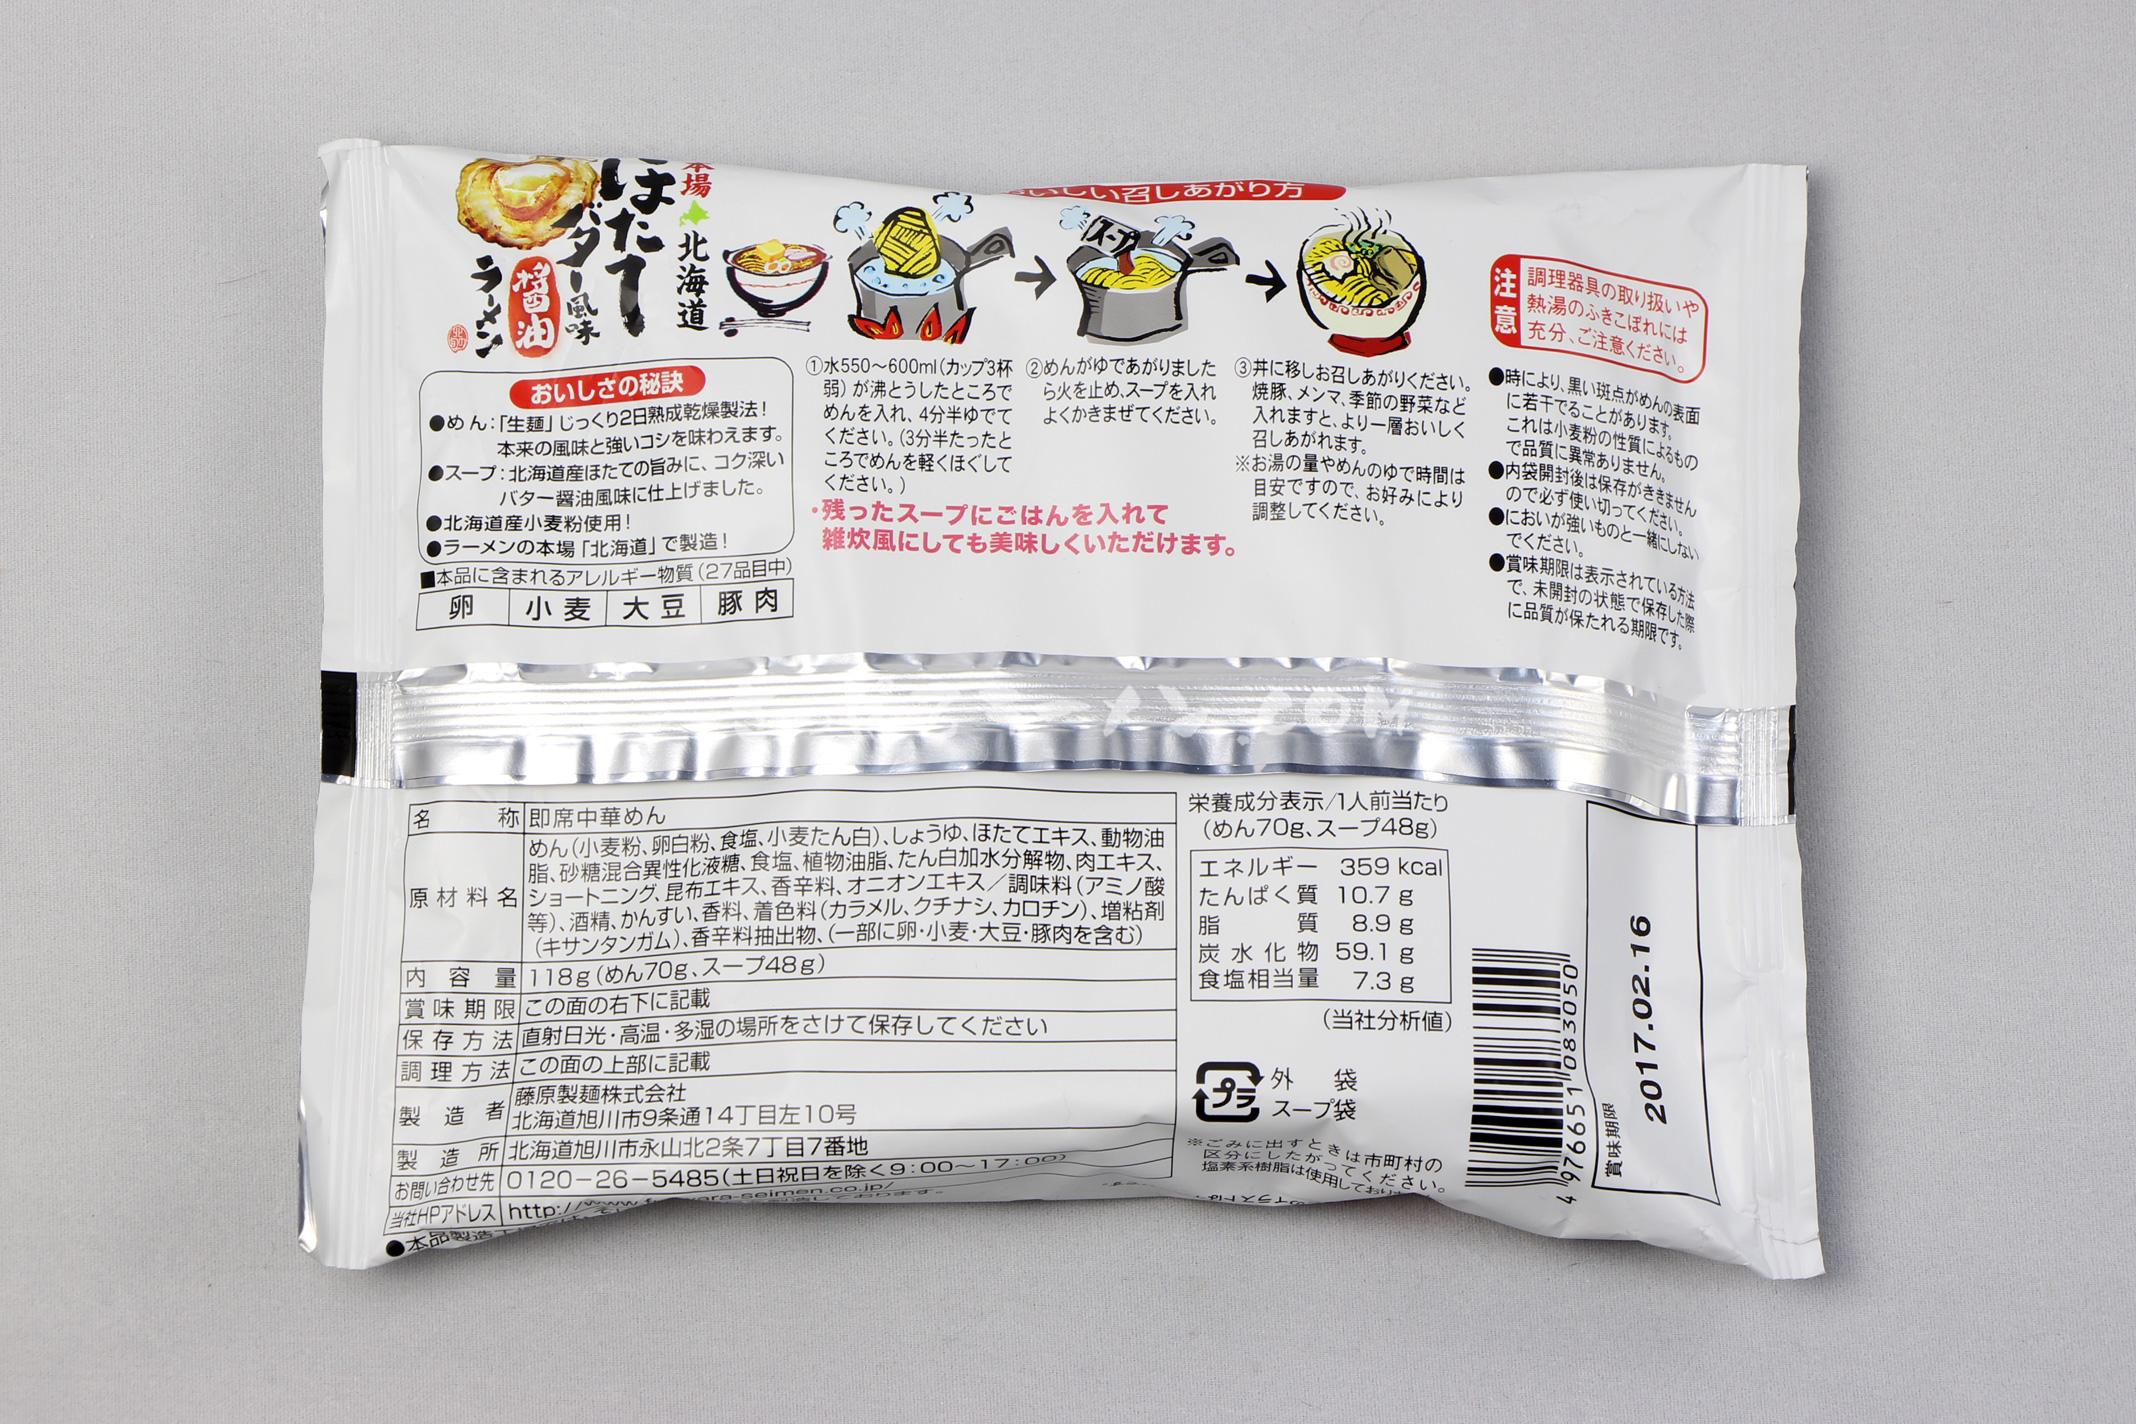 「本場北海道 ほたてバター風味ラーメン 醤油」(藤原製麺)のパッケージ(裏)